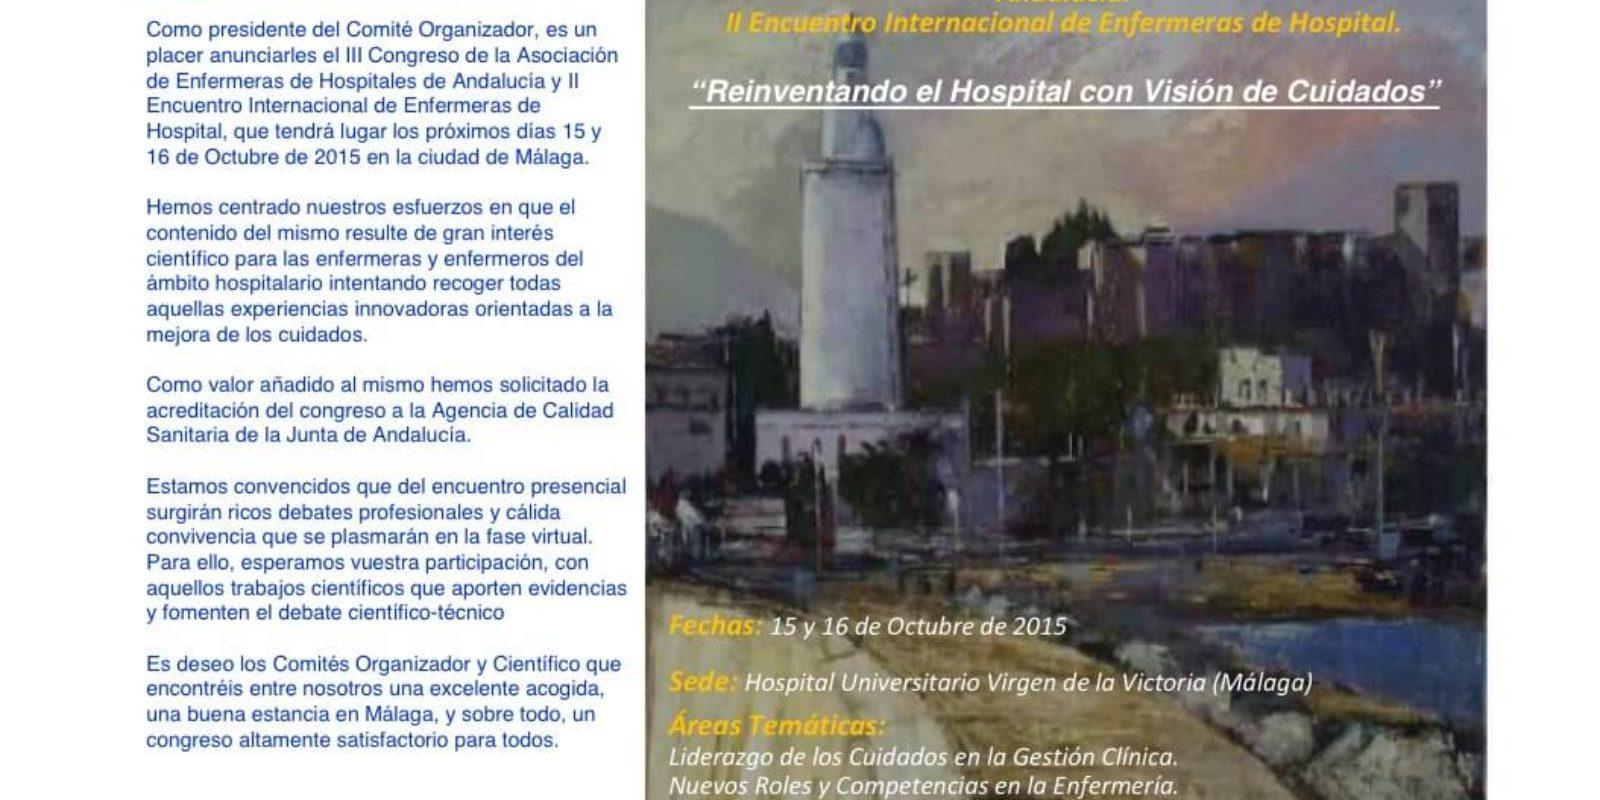 III Congreso de Asenhoa y II Encuentro Internacional